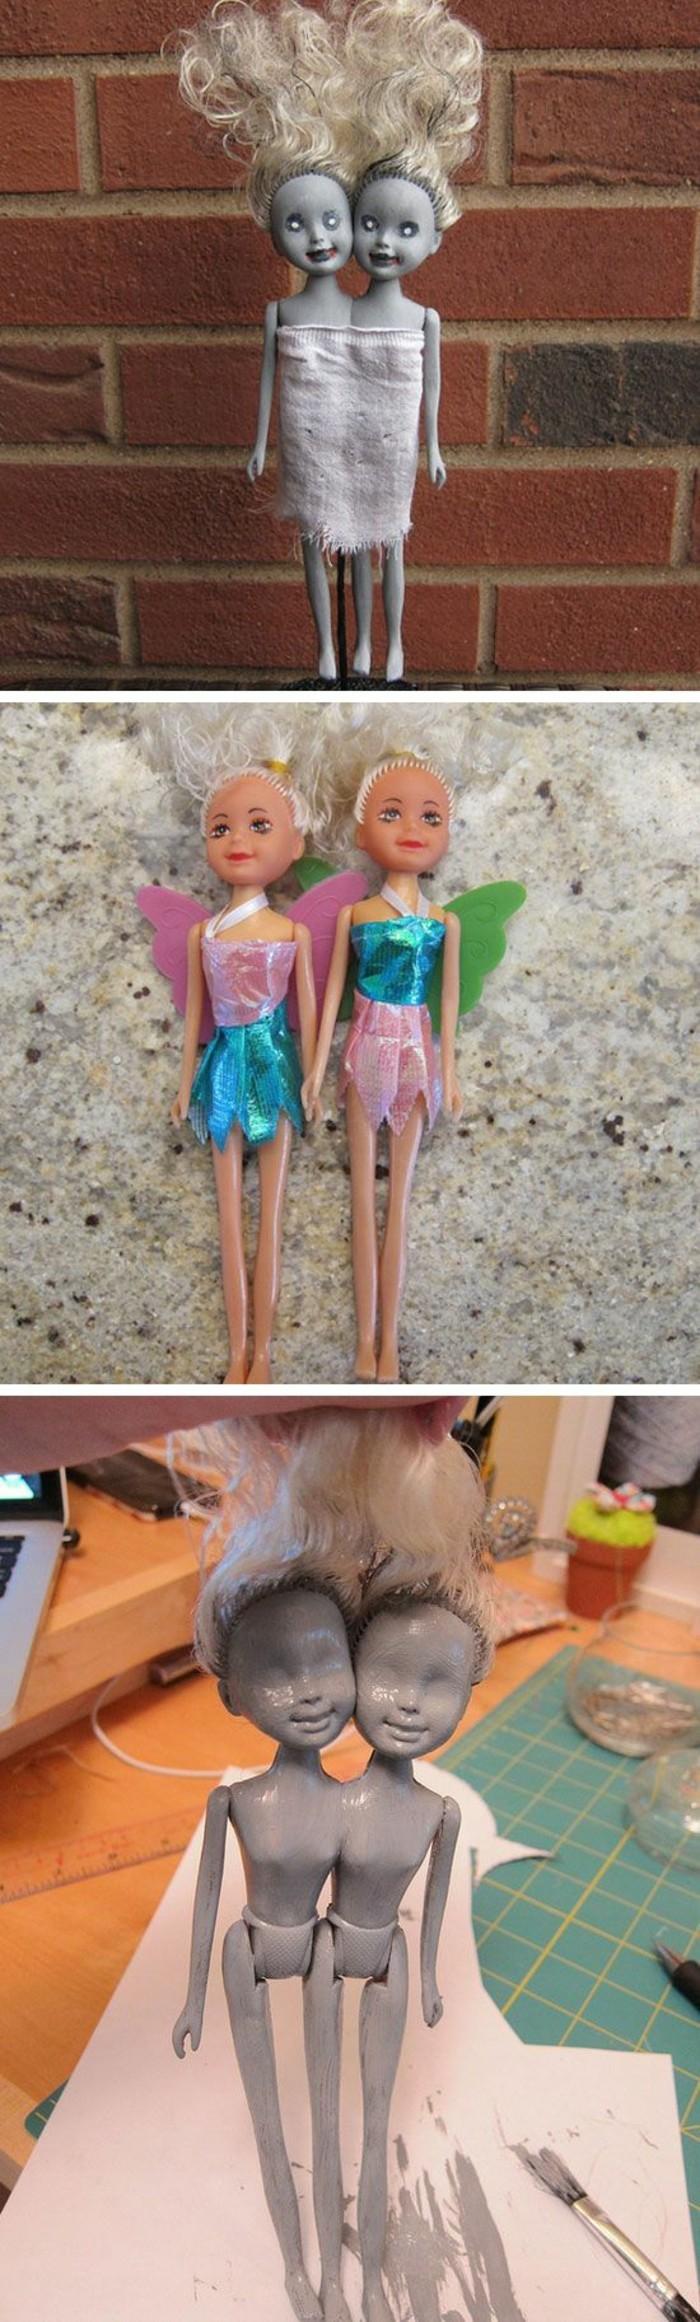 une-idee-deguisement-femme-fete-de-halloween-spooky-twins